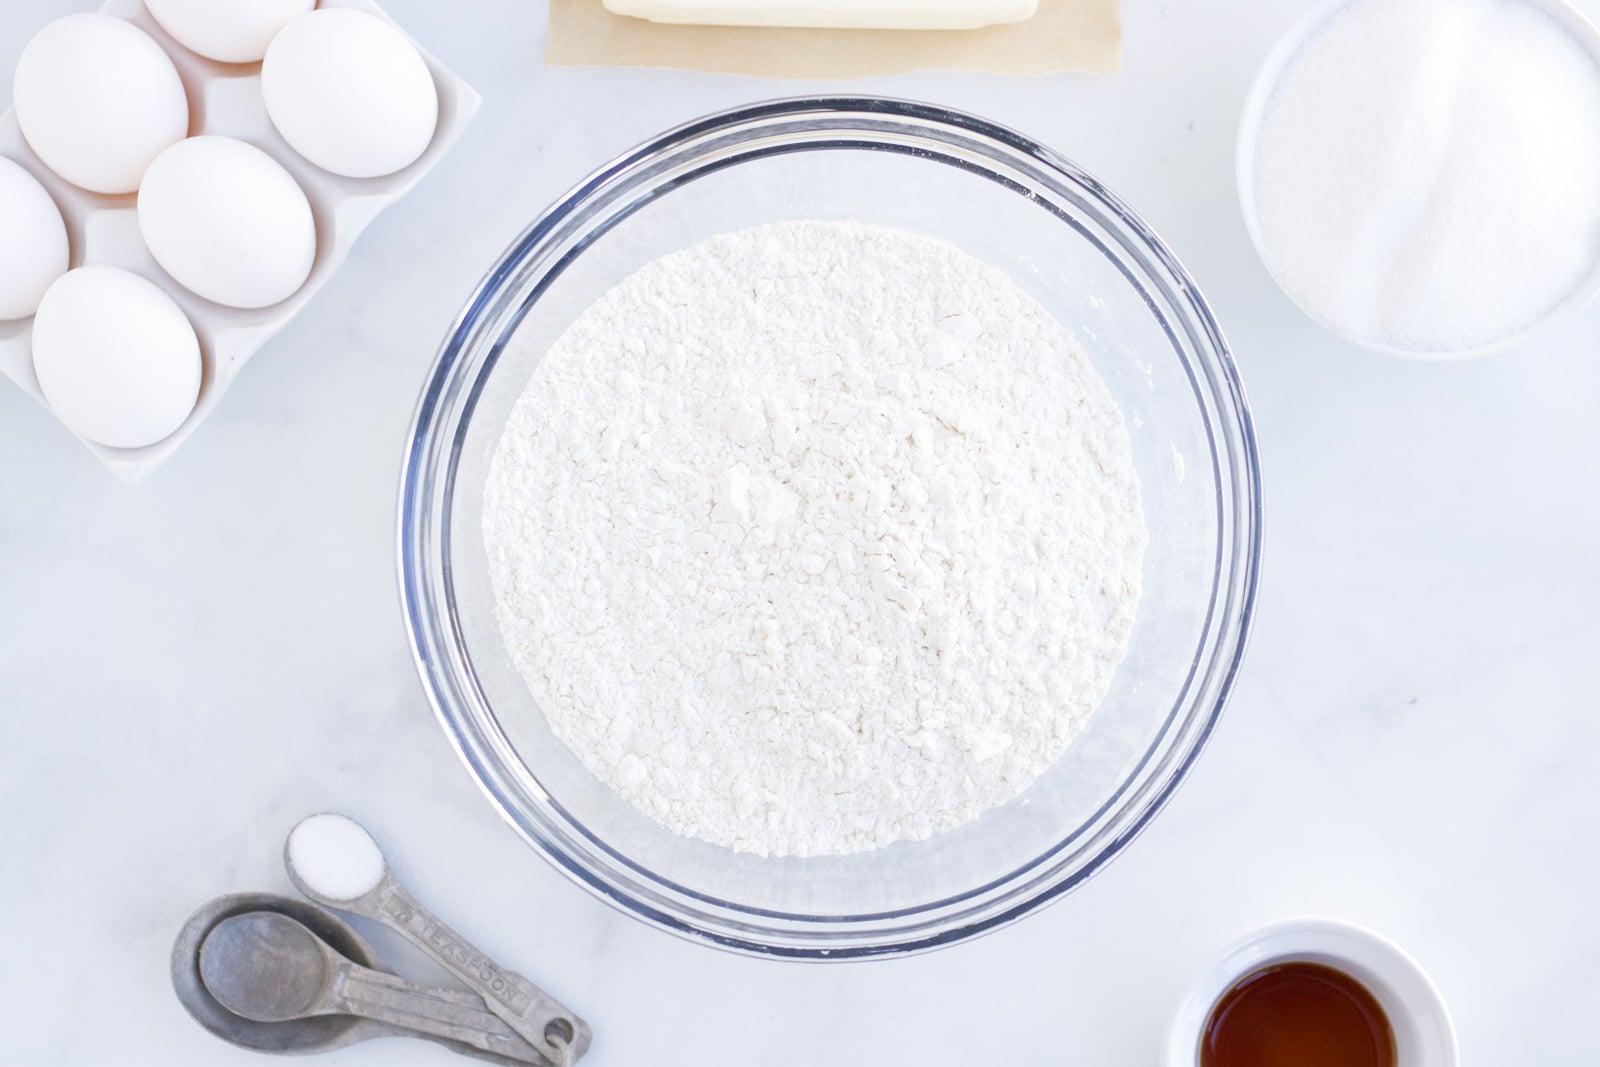 ingredients for valentines cookies